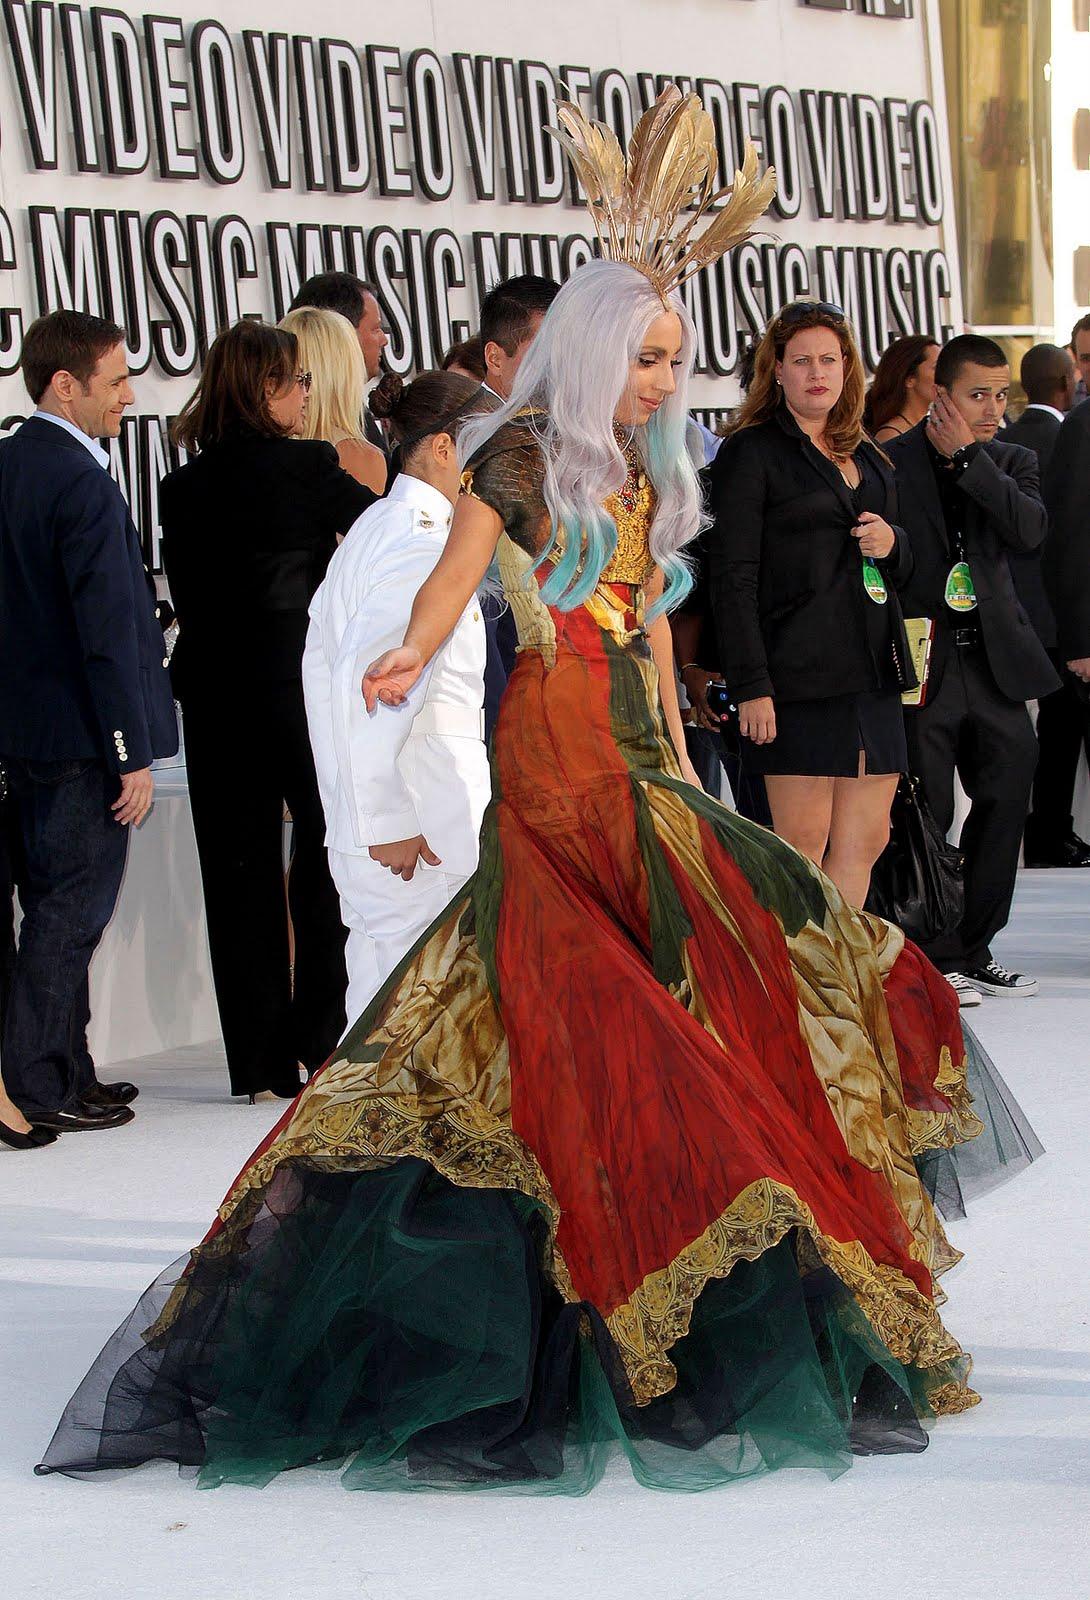 http://3.bp.blogspot.com/_Pdz1UBXpP3s/TJA2R_oN_sI/AAAAAAAAB24/eR3bsieTn88/s1600/A-Gaga.jpg